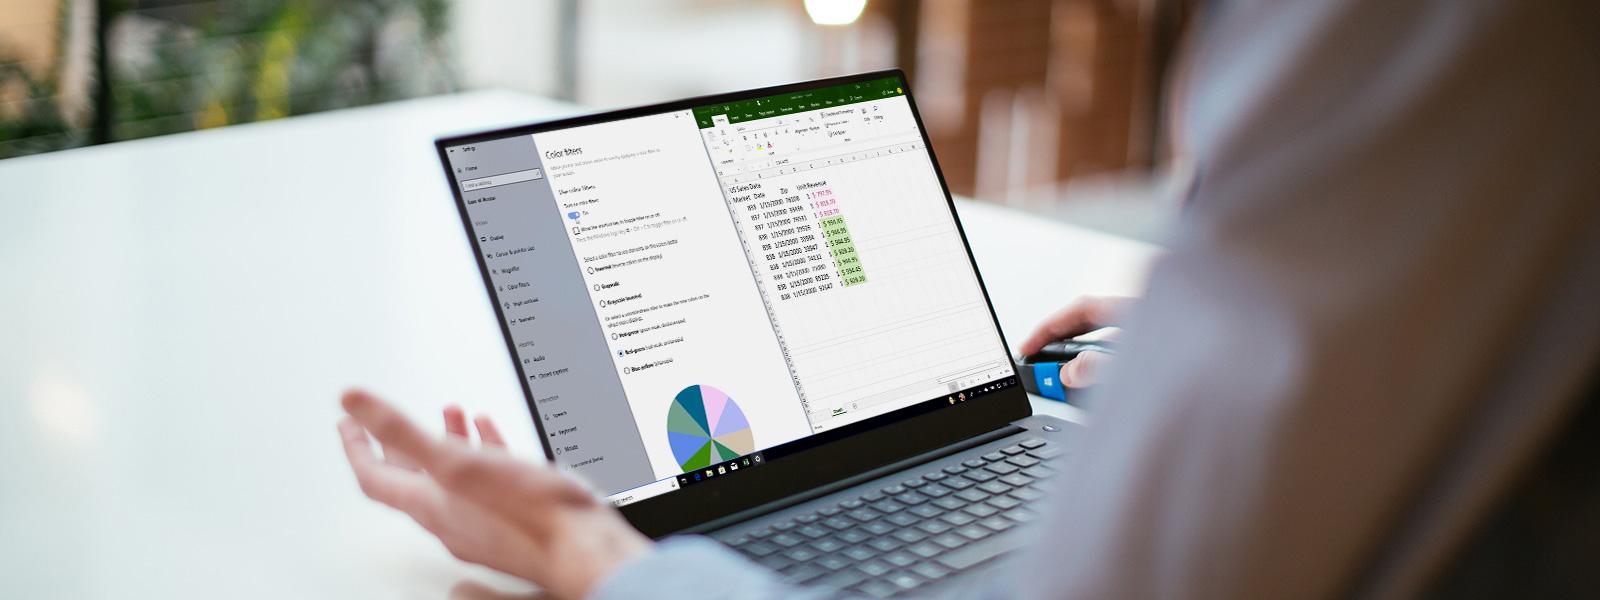 Osoba používajúca prenosný počítač so zapnutými farebnými filtrami v systéme Windows 10